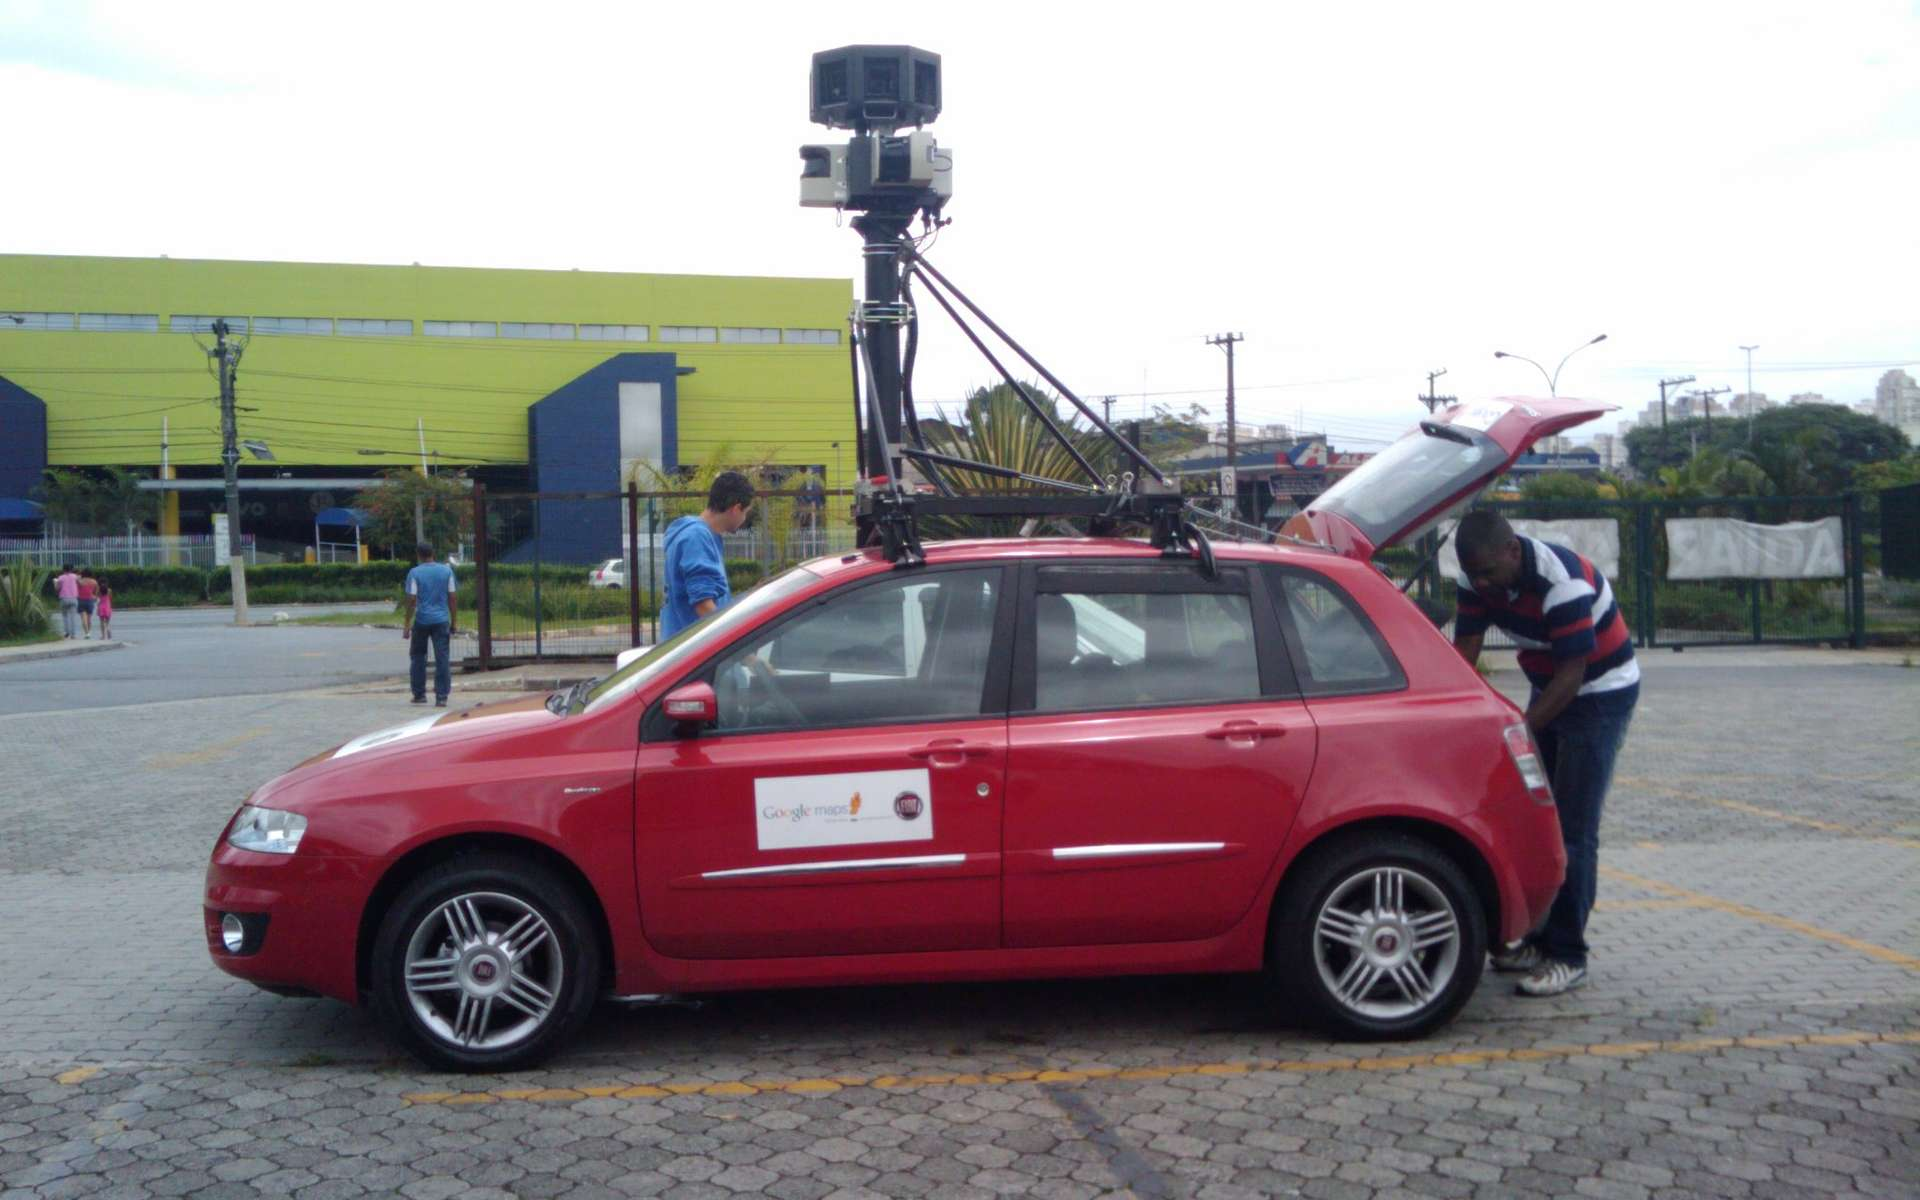 Les voitures de Google parcourent les routes et prennent des photos. Sur Google Street View, l'utilisateur a la possibilité de visionner des images plus anciennes d'un même endroit. © rbp, Flickr, cc by sa 2.0